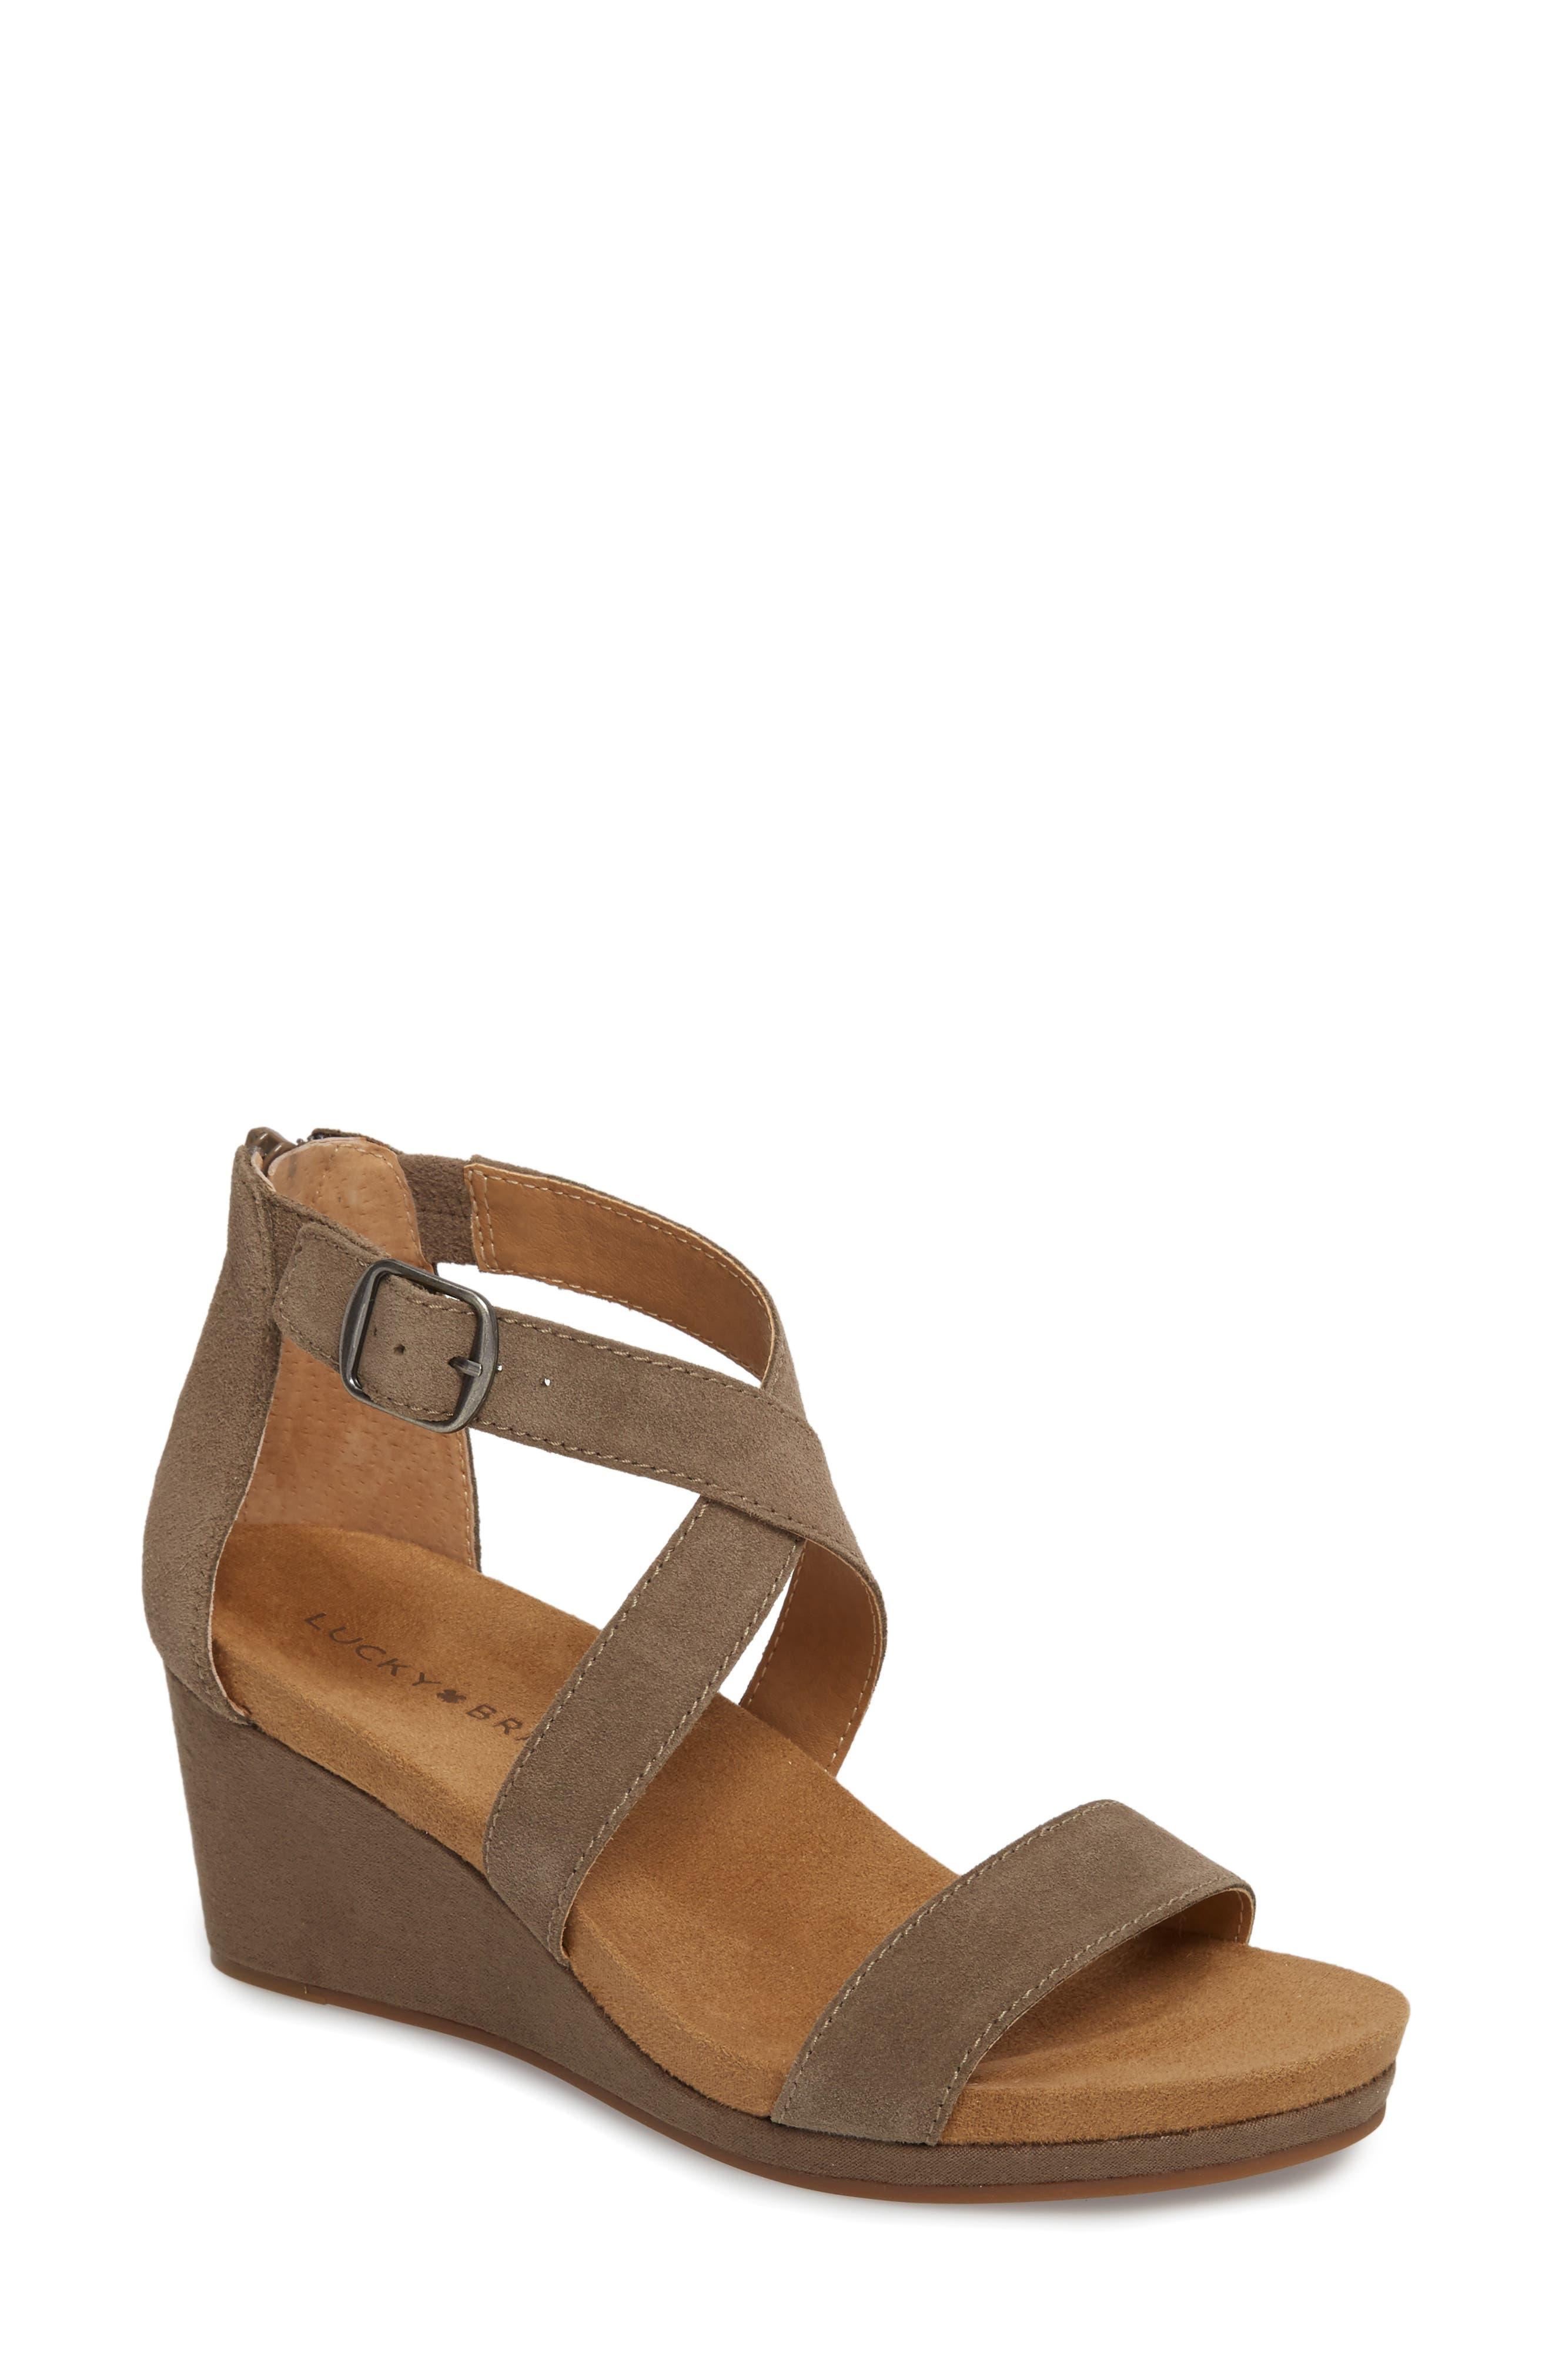 Kenadee Wedge Sandal, Main, color, BRINDLE SUEDE